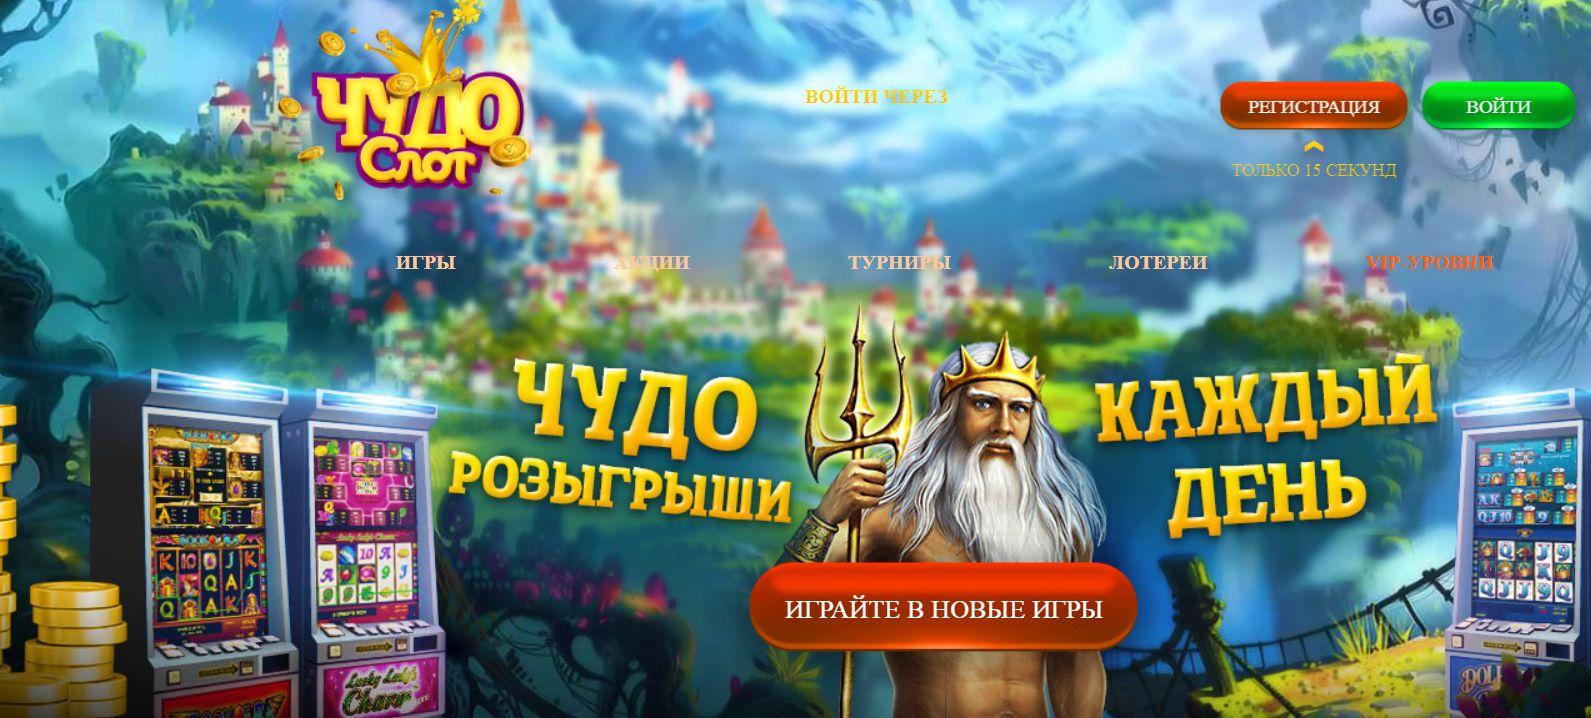 Чудо Слот - Официальный сайт